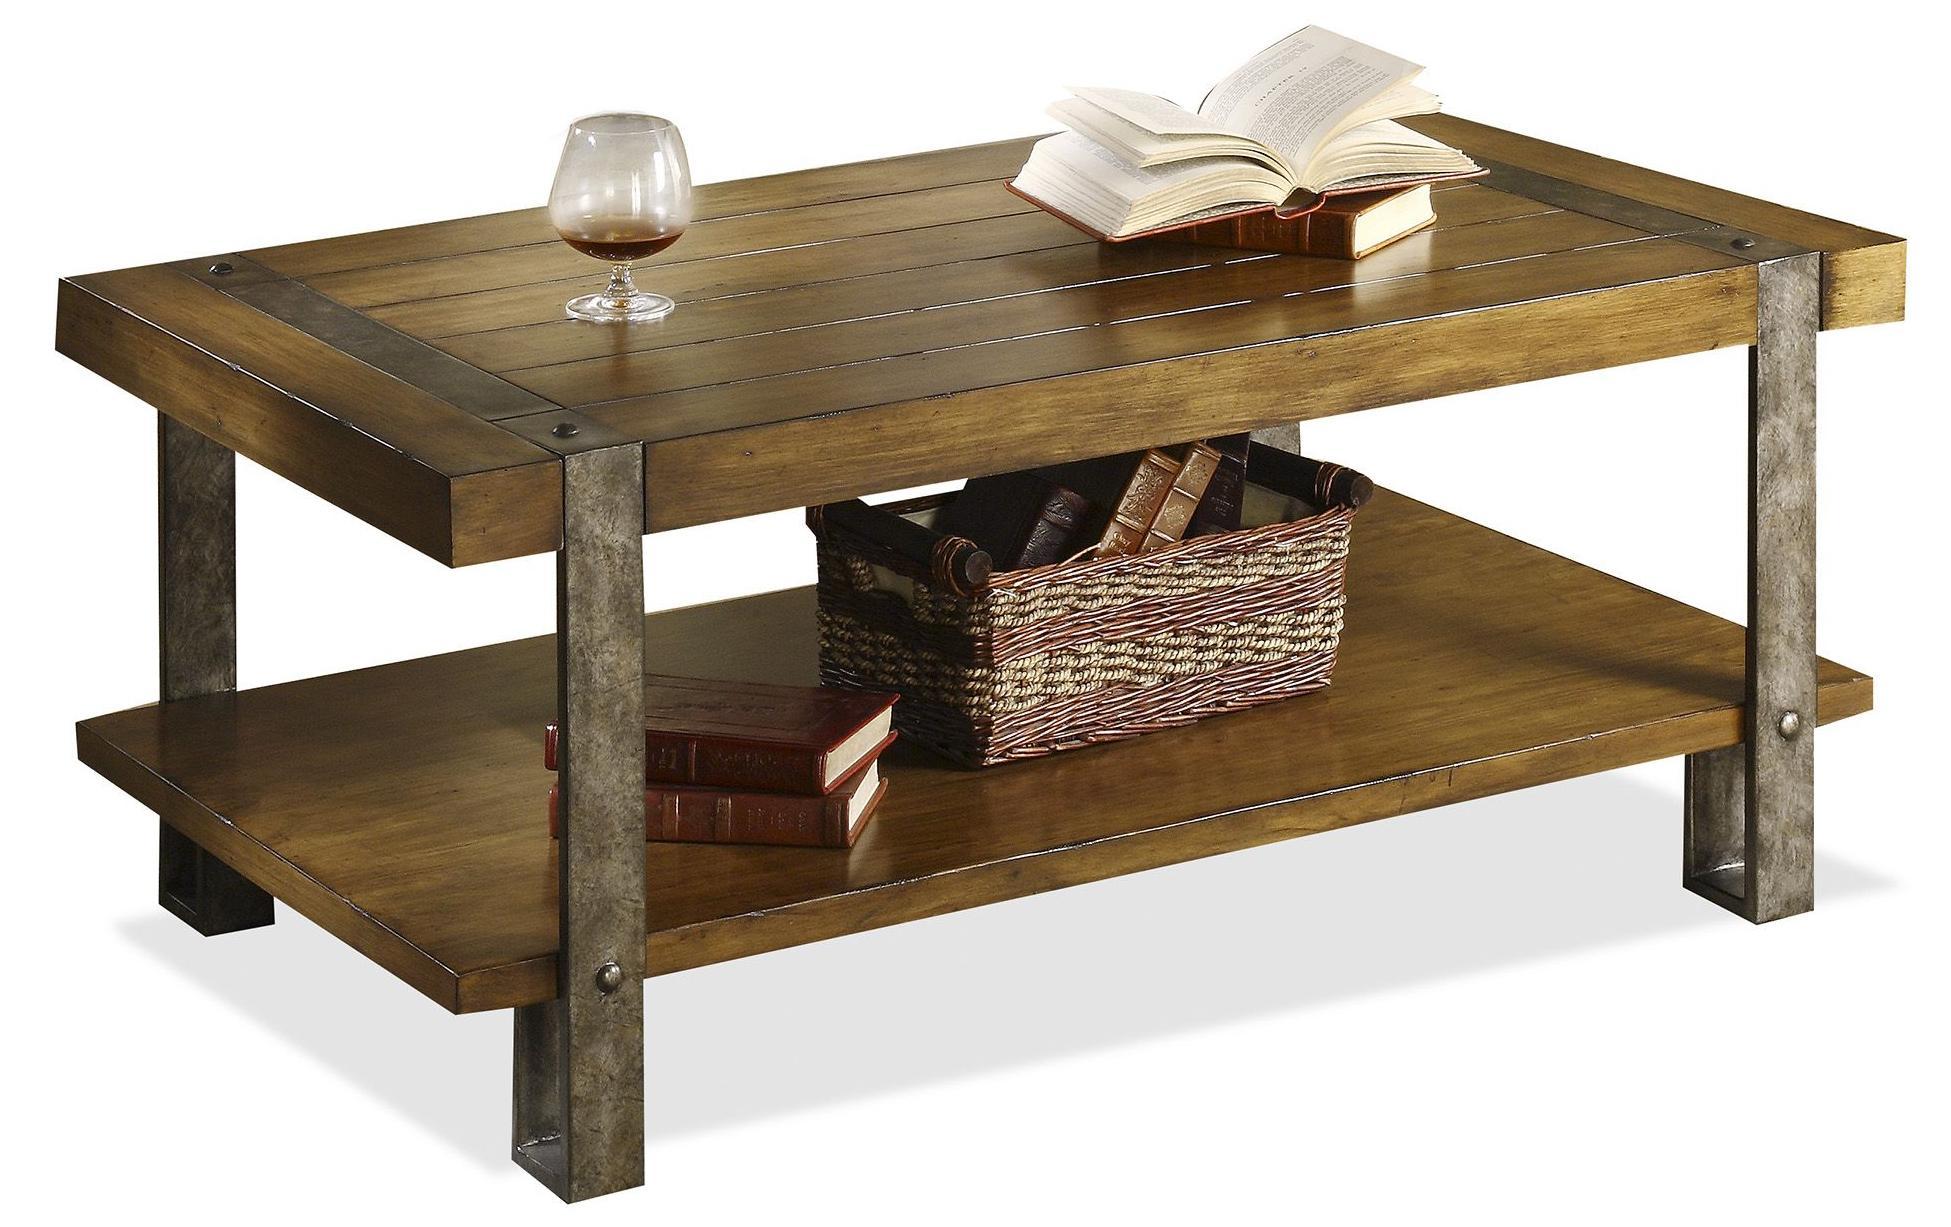 Riverside Furniture Sierra Rustic Styled Coffee Table With Metal Legs